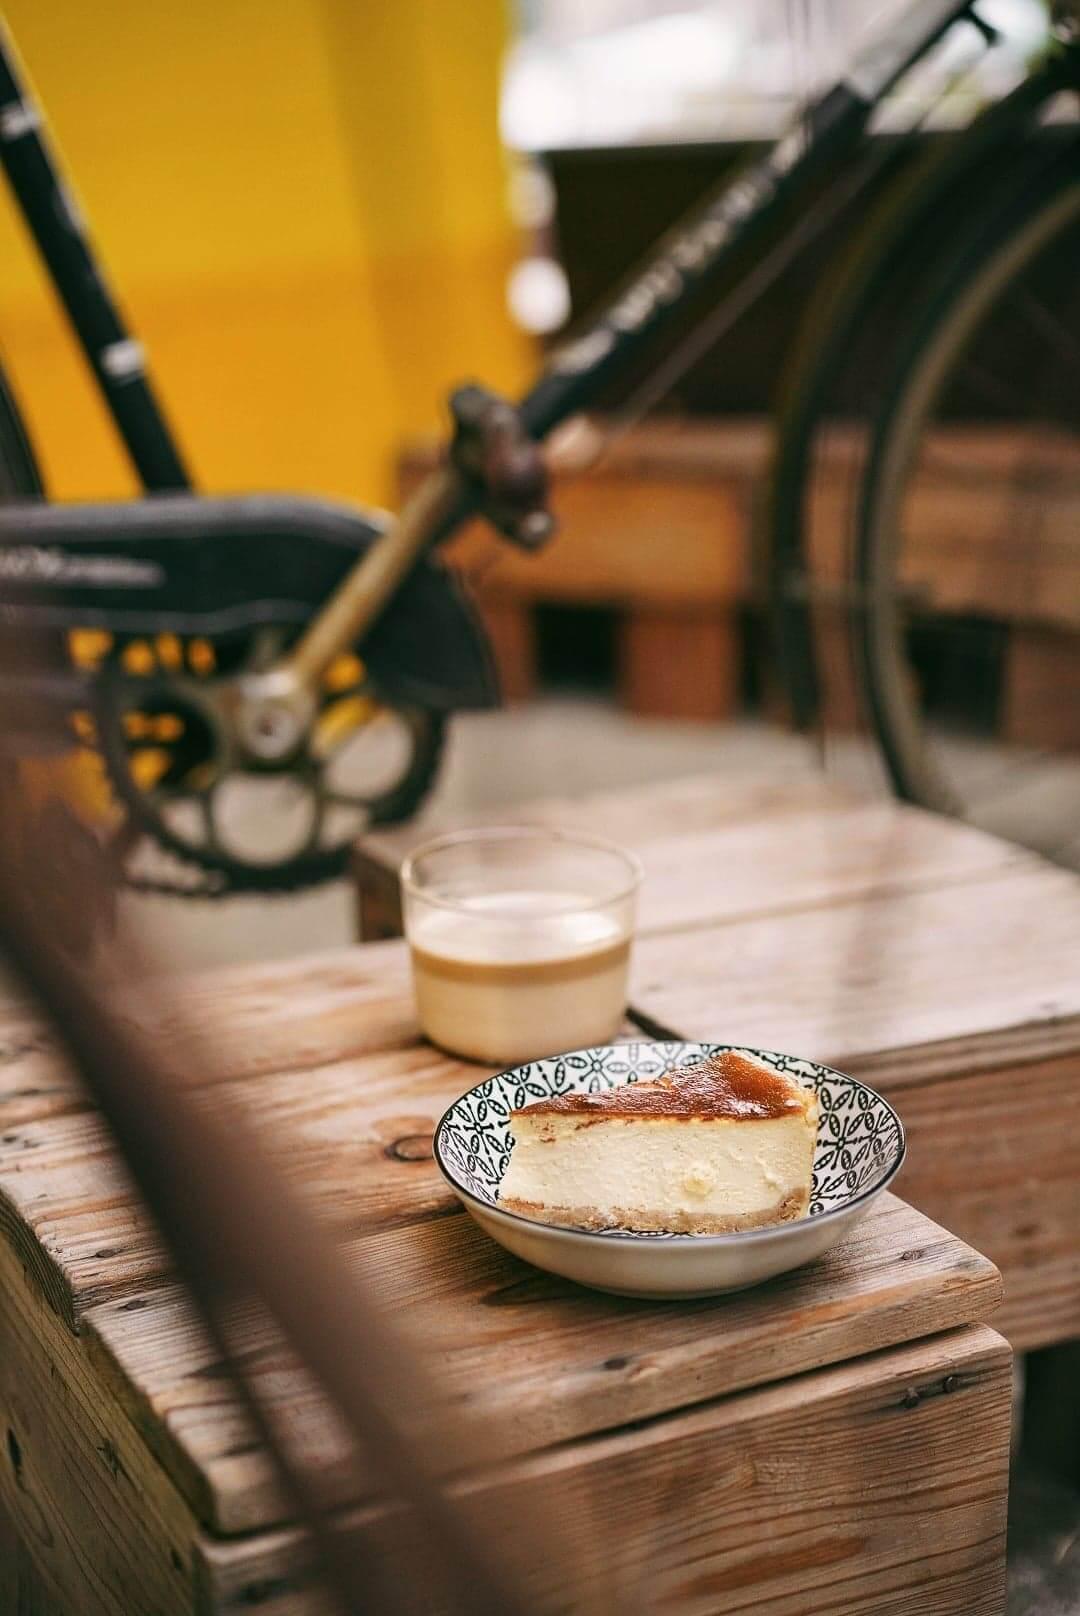 店家的Cheese Cake濃度適中,非常適合配咖啡食用。